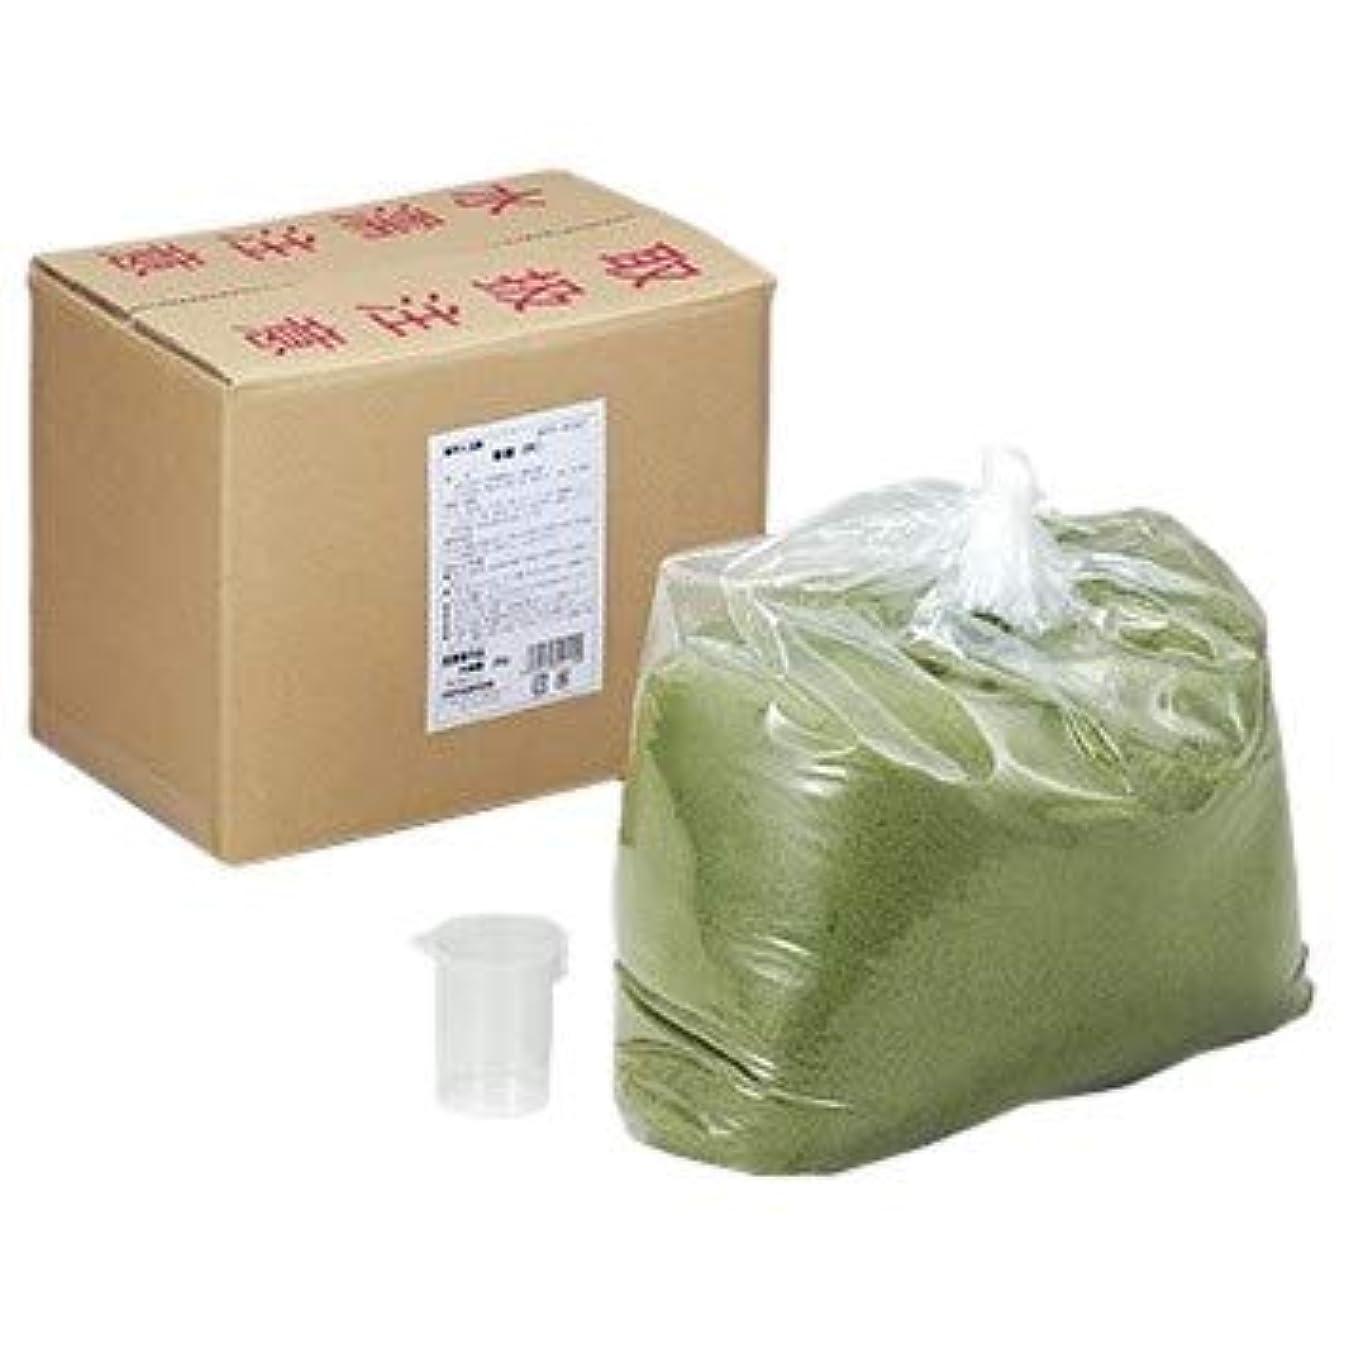 アンドリューハリディ三デイジー新緑 業務用 20kg 入浴剤 医薬部外品